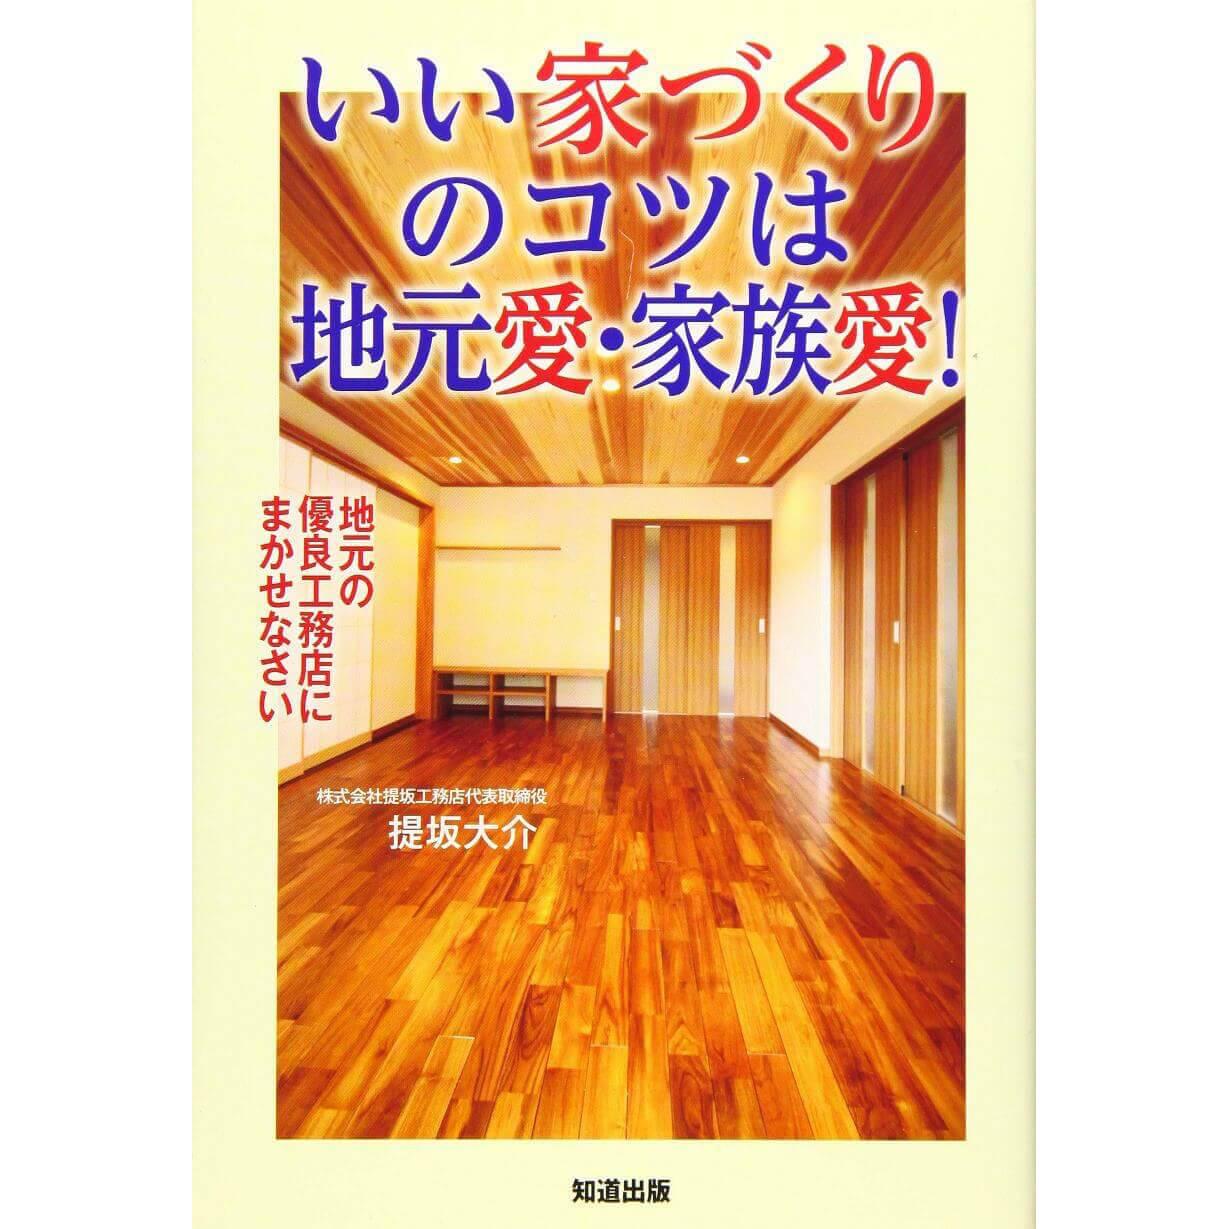 島田市・藤枝市で家づくりで失敗しないための本